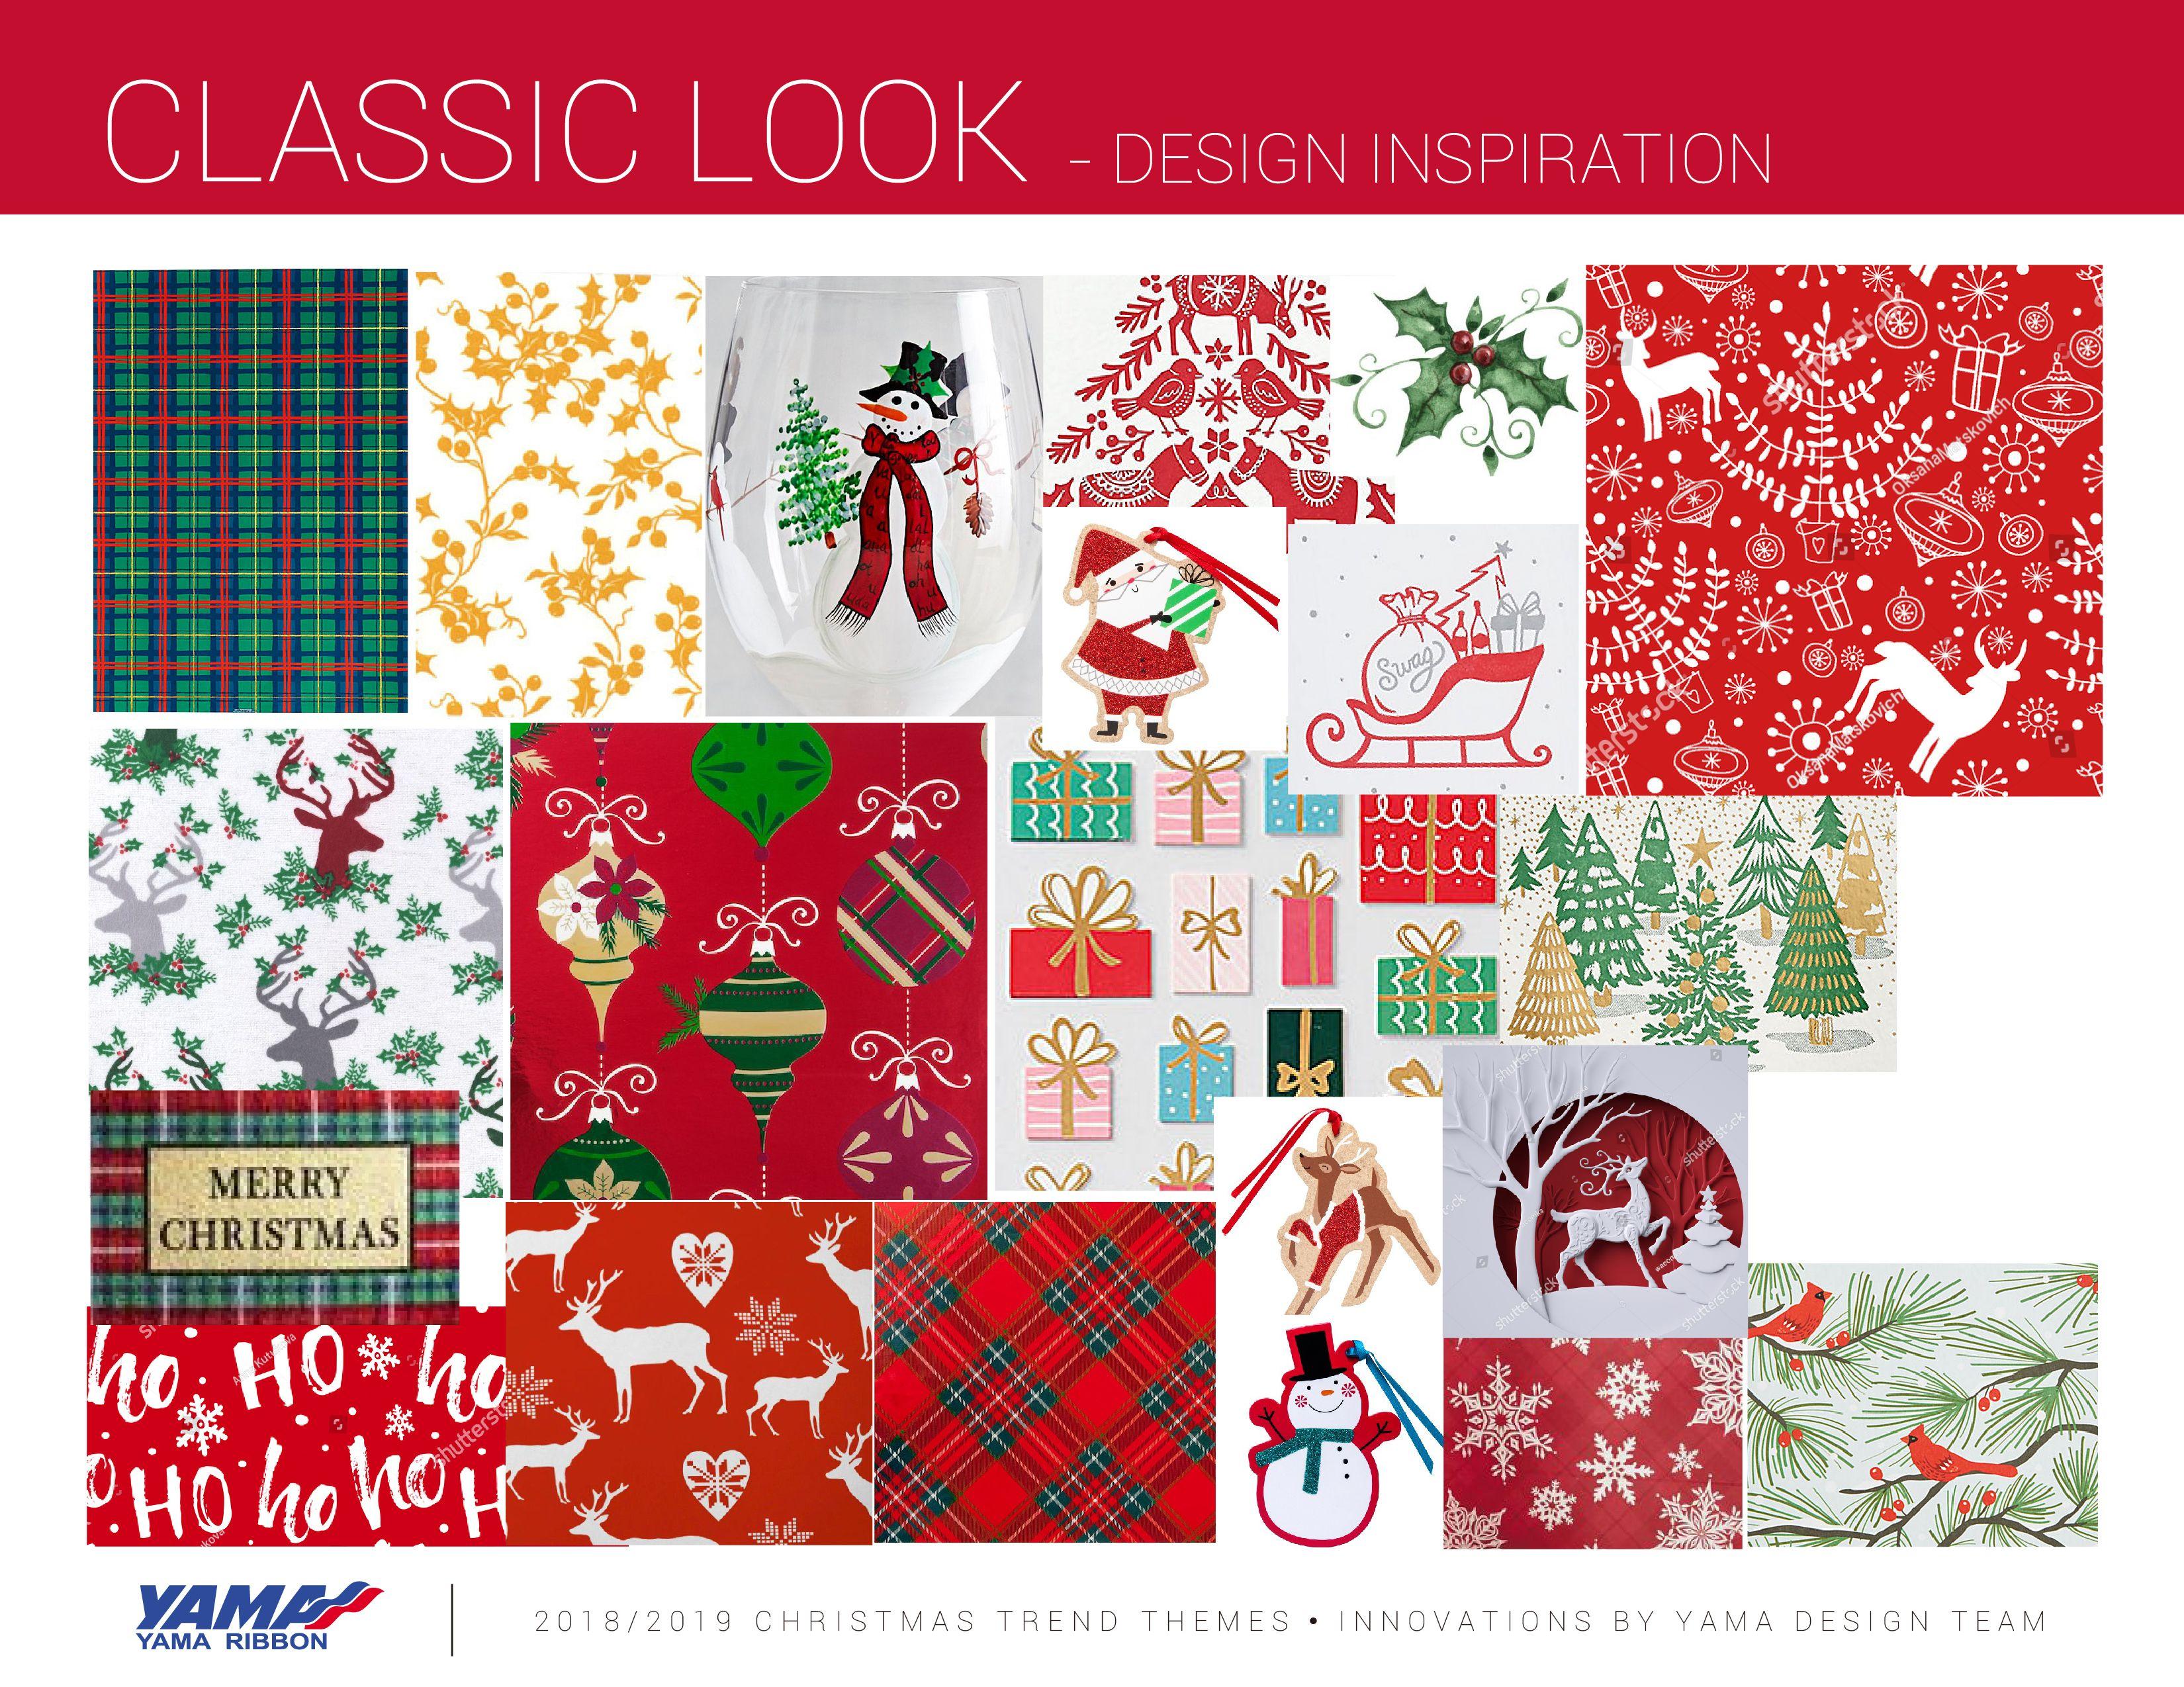 2018/2019 YAMA CHRISTMAS TRENDS | 2018-2019 Christmas ...